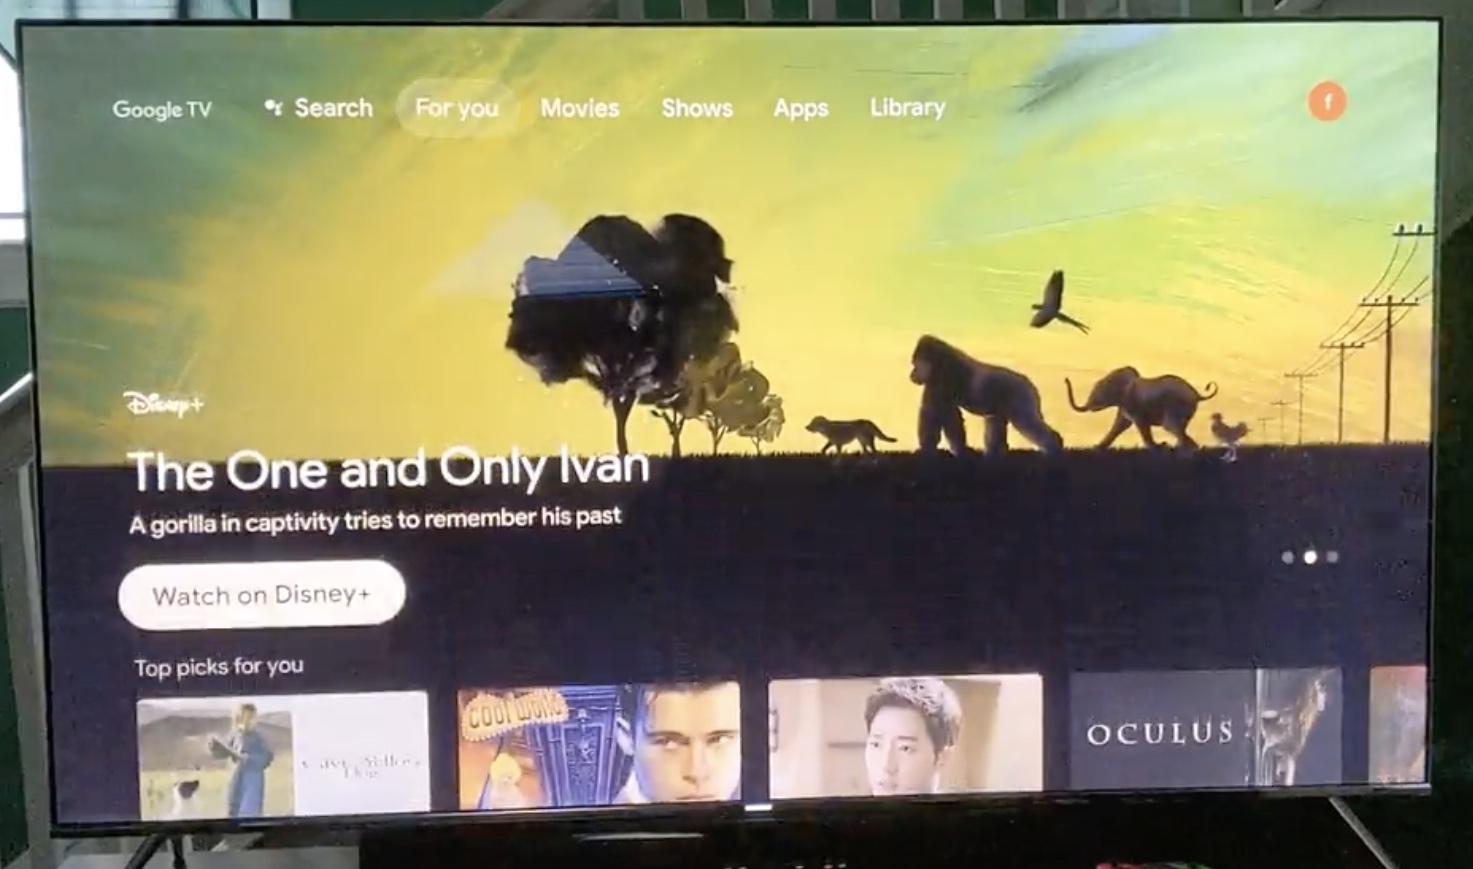 Google TV : une vidéo révèle une interface fluide et rapide pour le prochain Chromecast